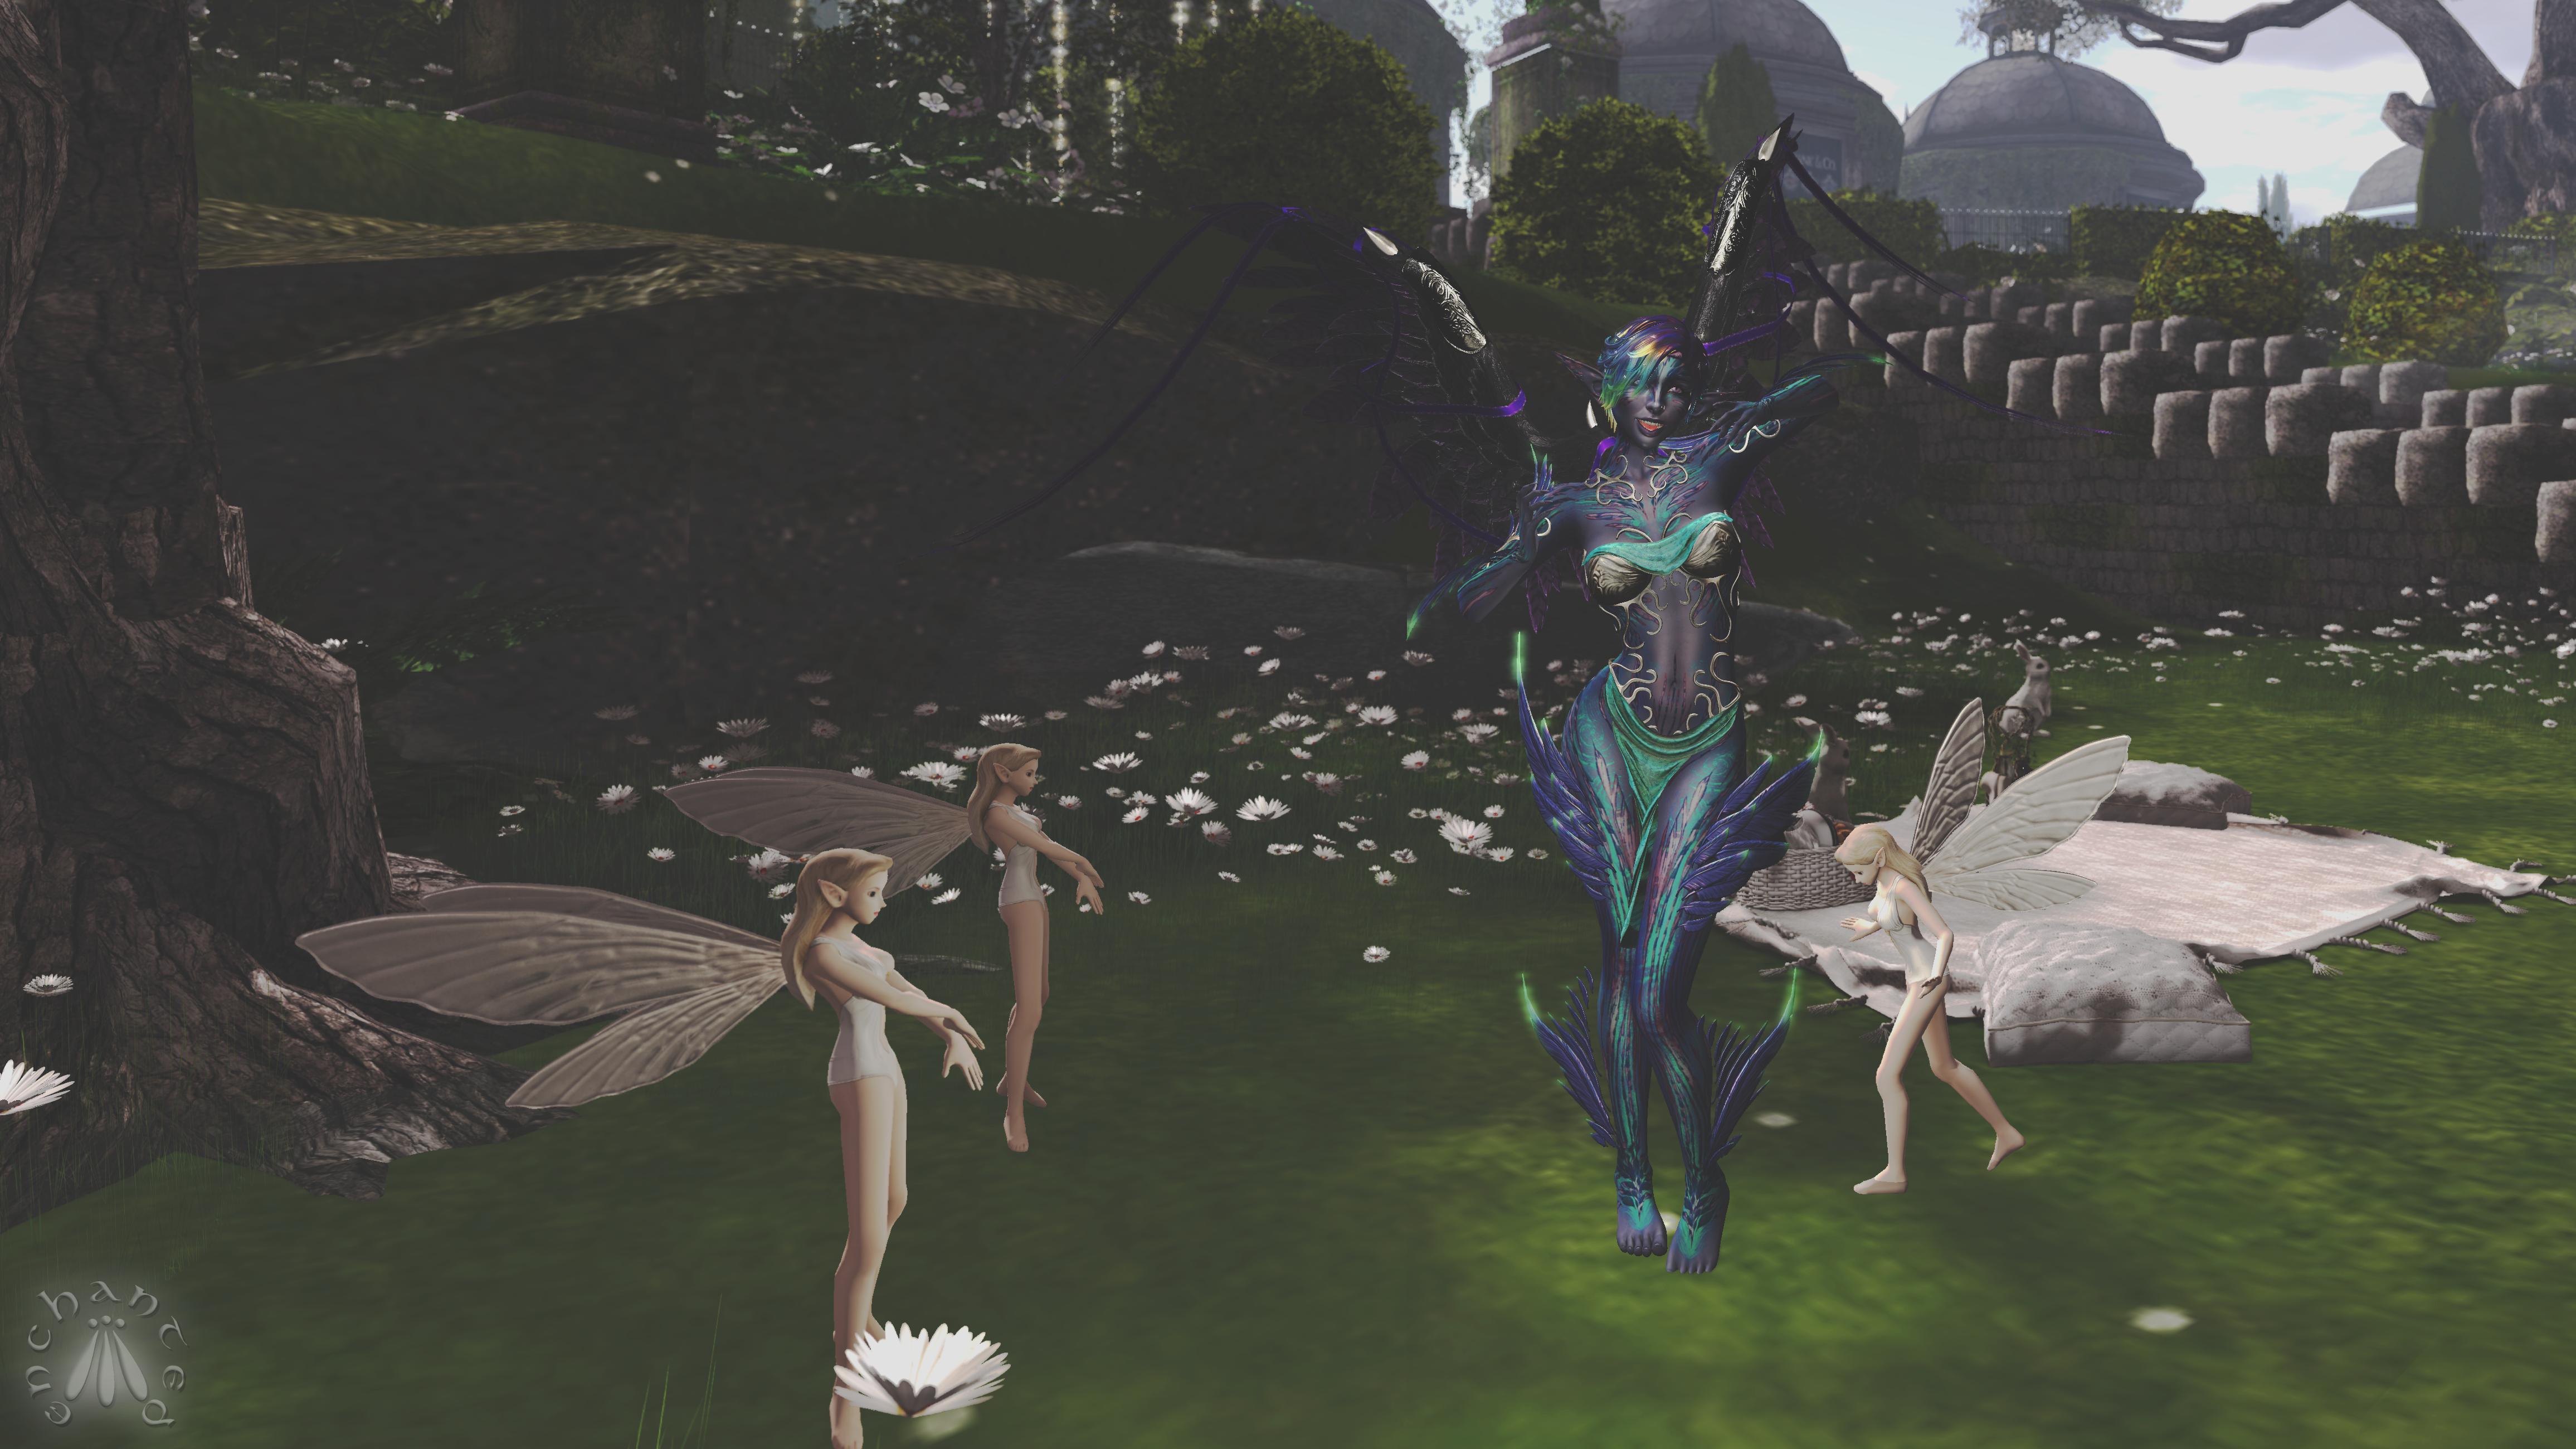 Lunafae_023 BLOG